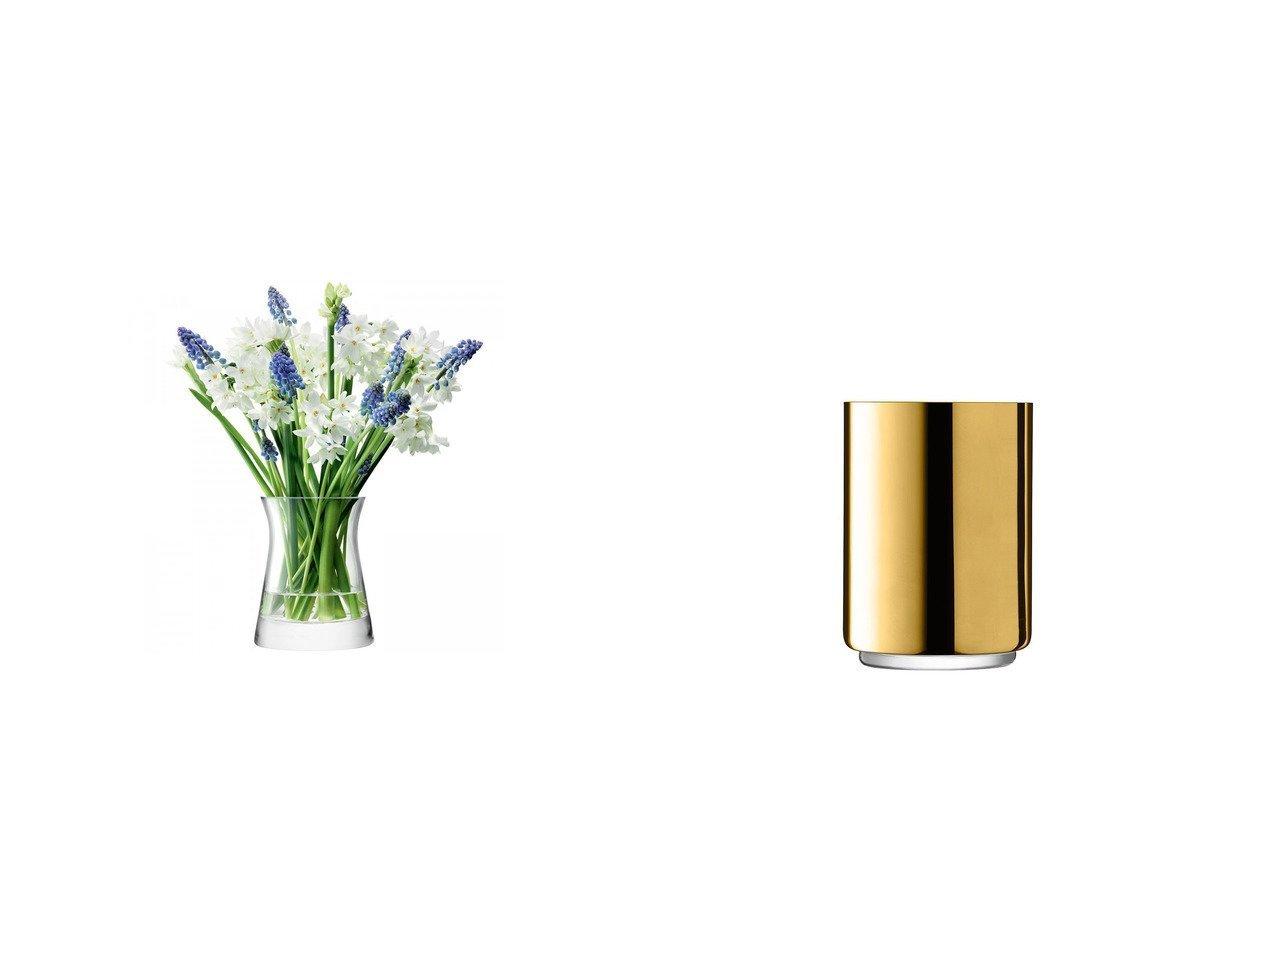 【LSA international/エルエスエー インターナショナル】のカラット ランタン ベース 高さ16.5cm&フラワー ガーデンポージィベース 【FURNITURE】おすすめ!人気、インテリア雑貨・家具の通販 おすすめで人気の流行・トレンド、ファッションの通販商品 インテリア・家具・メンズファッション・キッズファッション・レディースファッション・服の通販 founy(ファニー) https://founy.com/ フラワー  ID:crp329100000056954